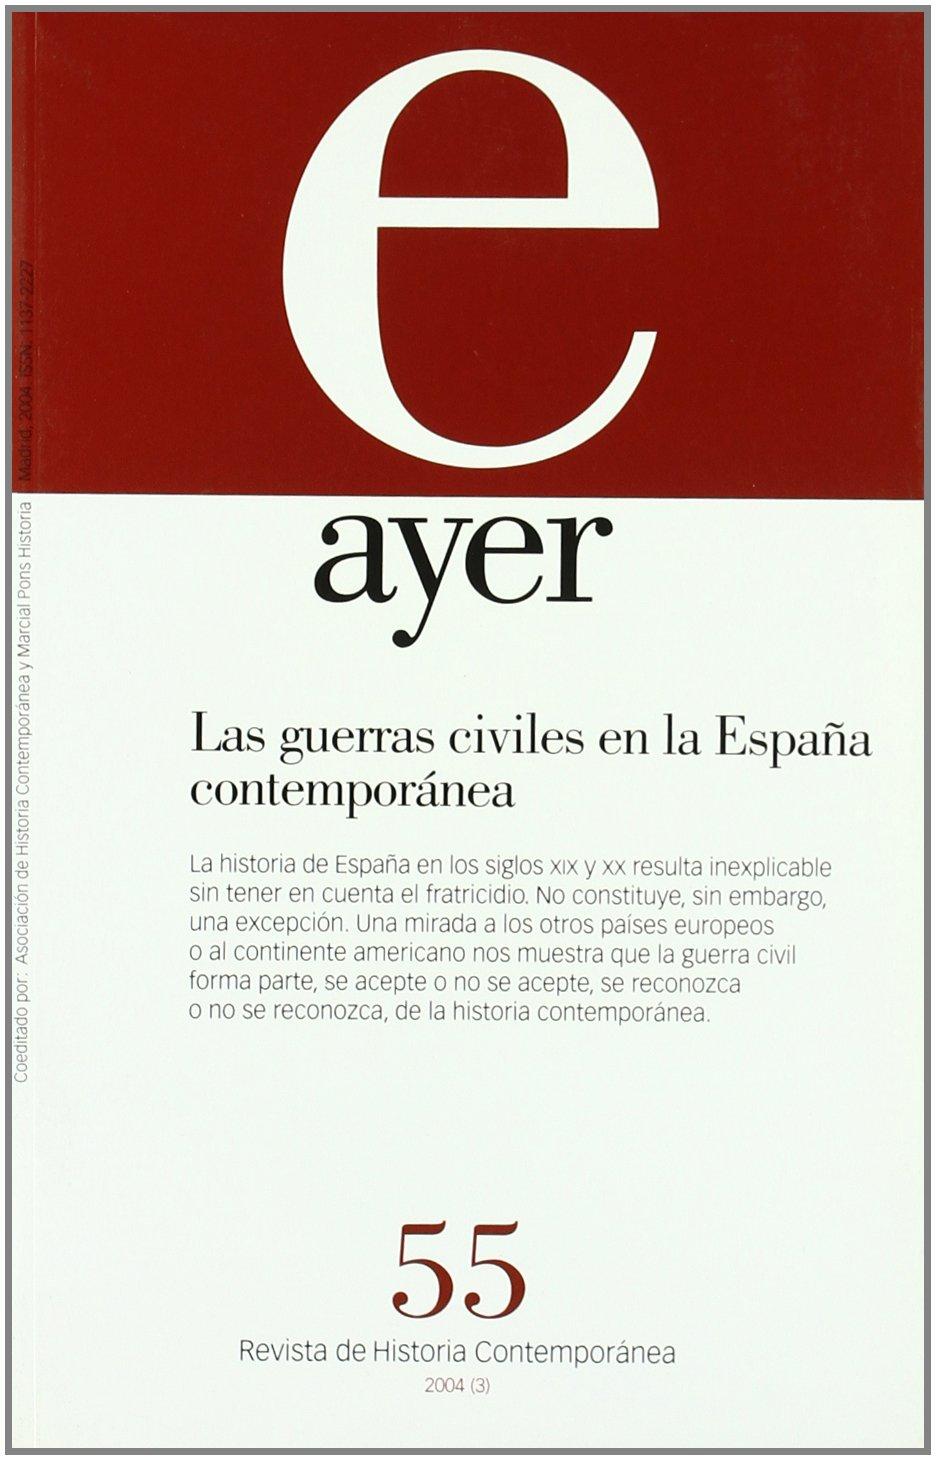 GUERRAS CIVILES EN LA ESPAÑA CONTEMPORÁNEA, LAS Ayer 55 Revista Ayer: Amazon.es: Canal, Jordi: Libros